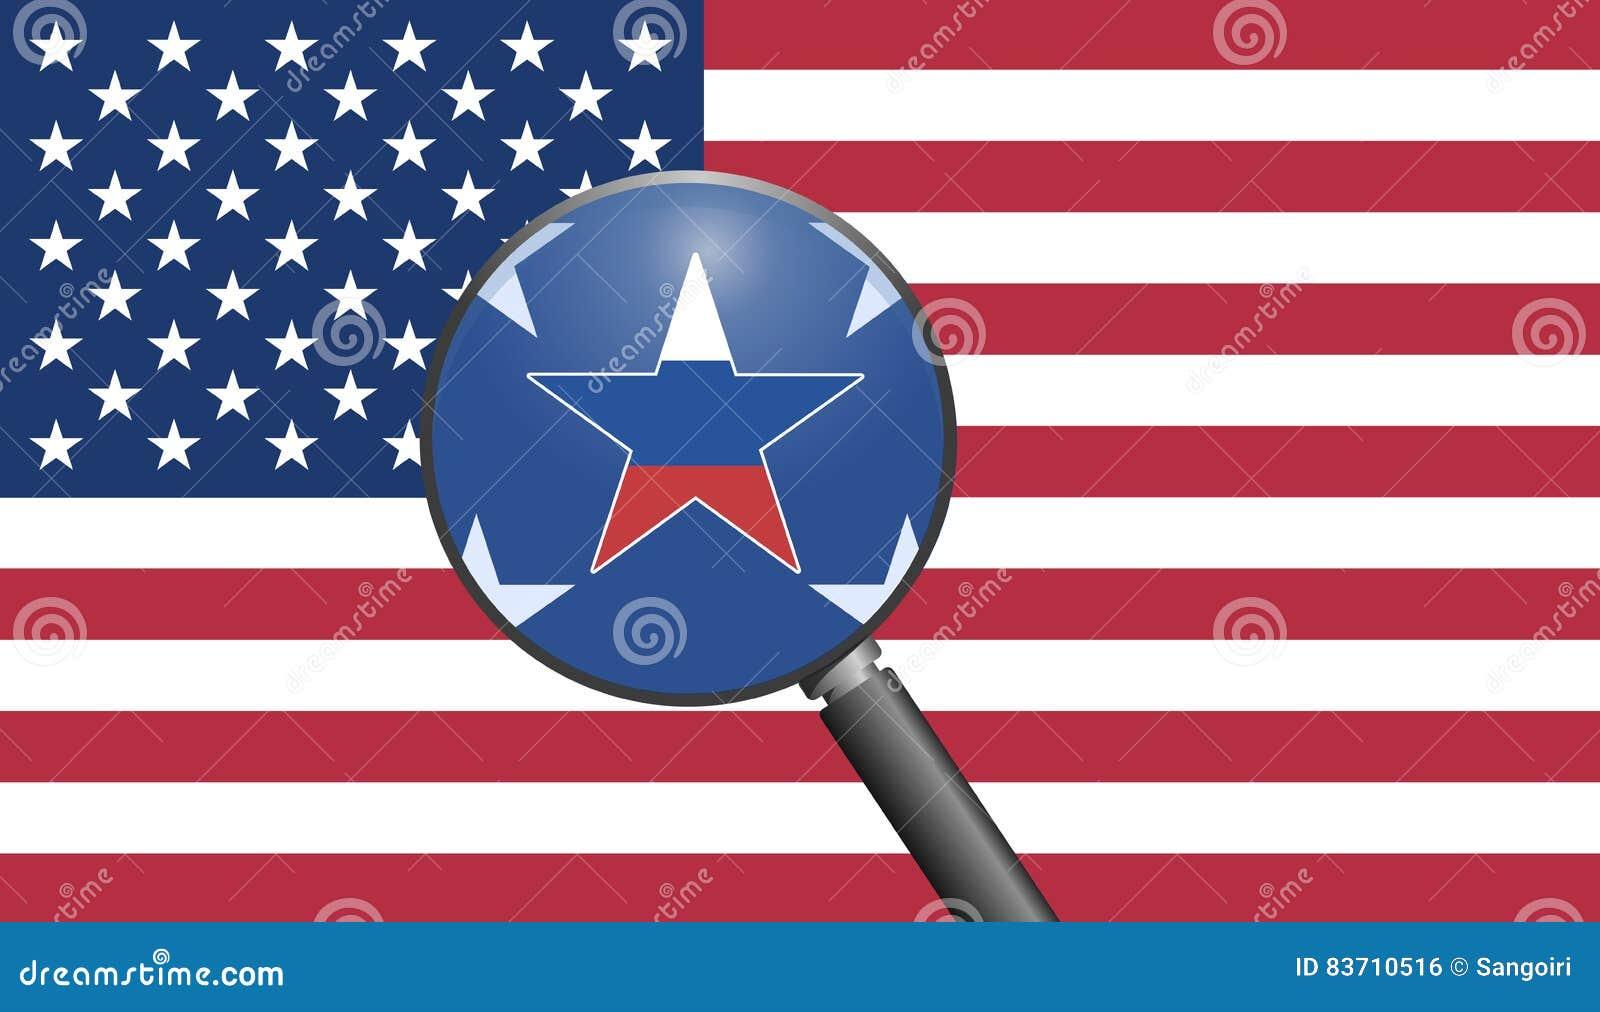 Ρωσική κατασκοπεία ενάντια στις ΗΠΑ